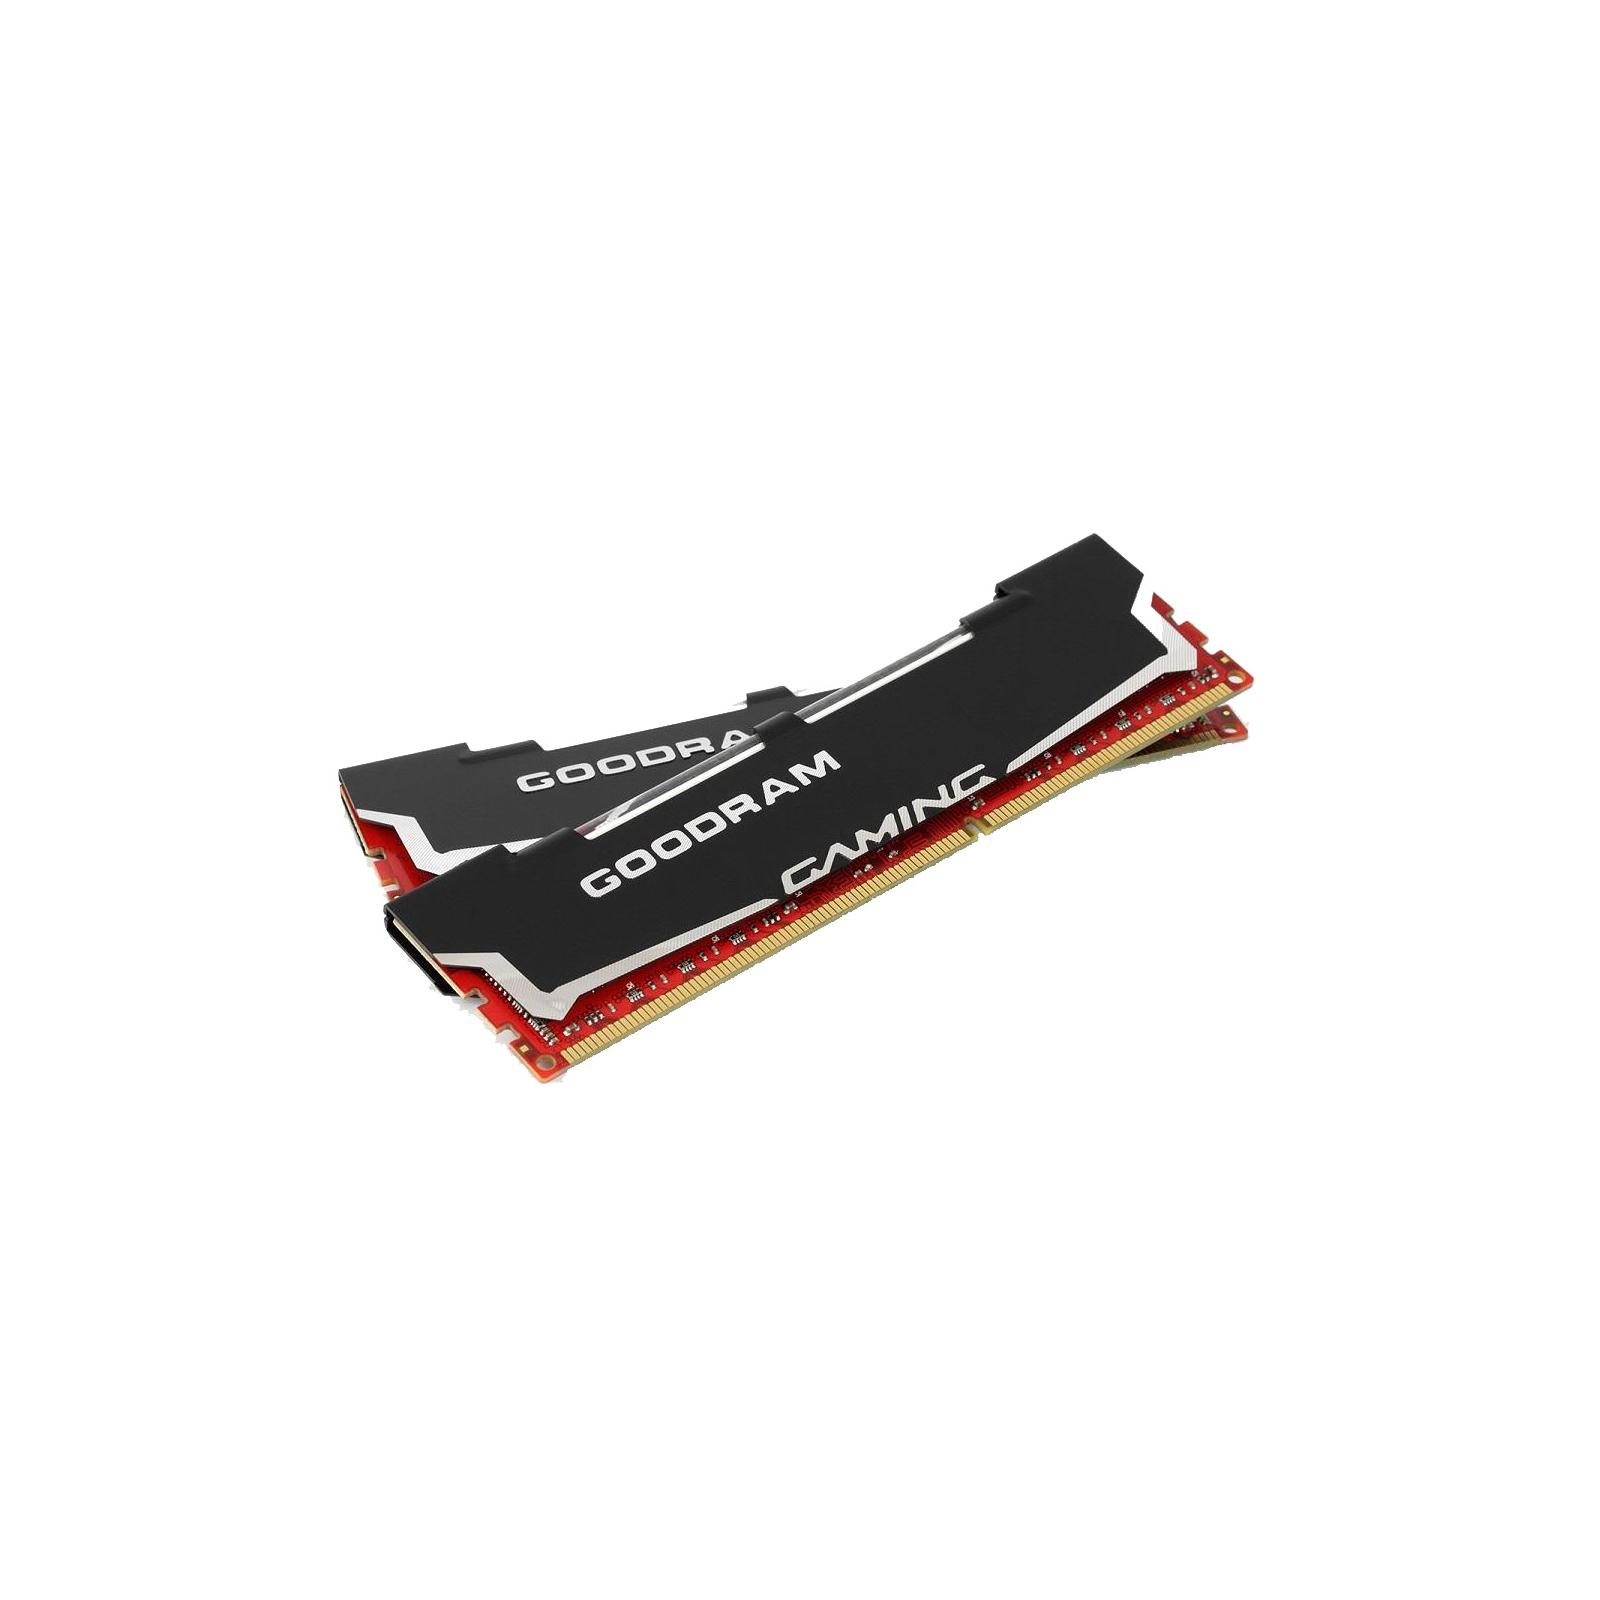 Модуль памяти для компьютера DDR3 8Gb (2x4GB) 1600 MHz Led Gaming GOODRAM (GL1600D364L9/8GDC) изображение 2